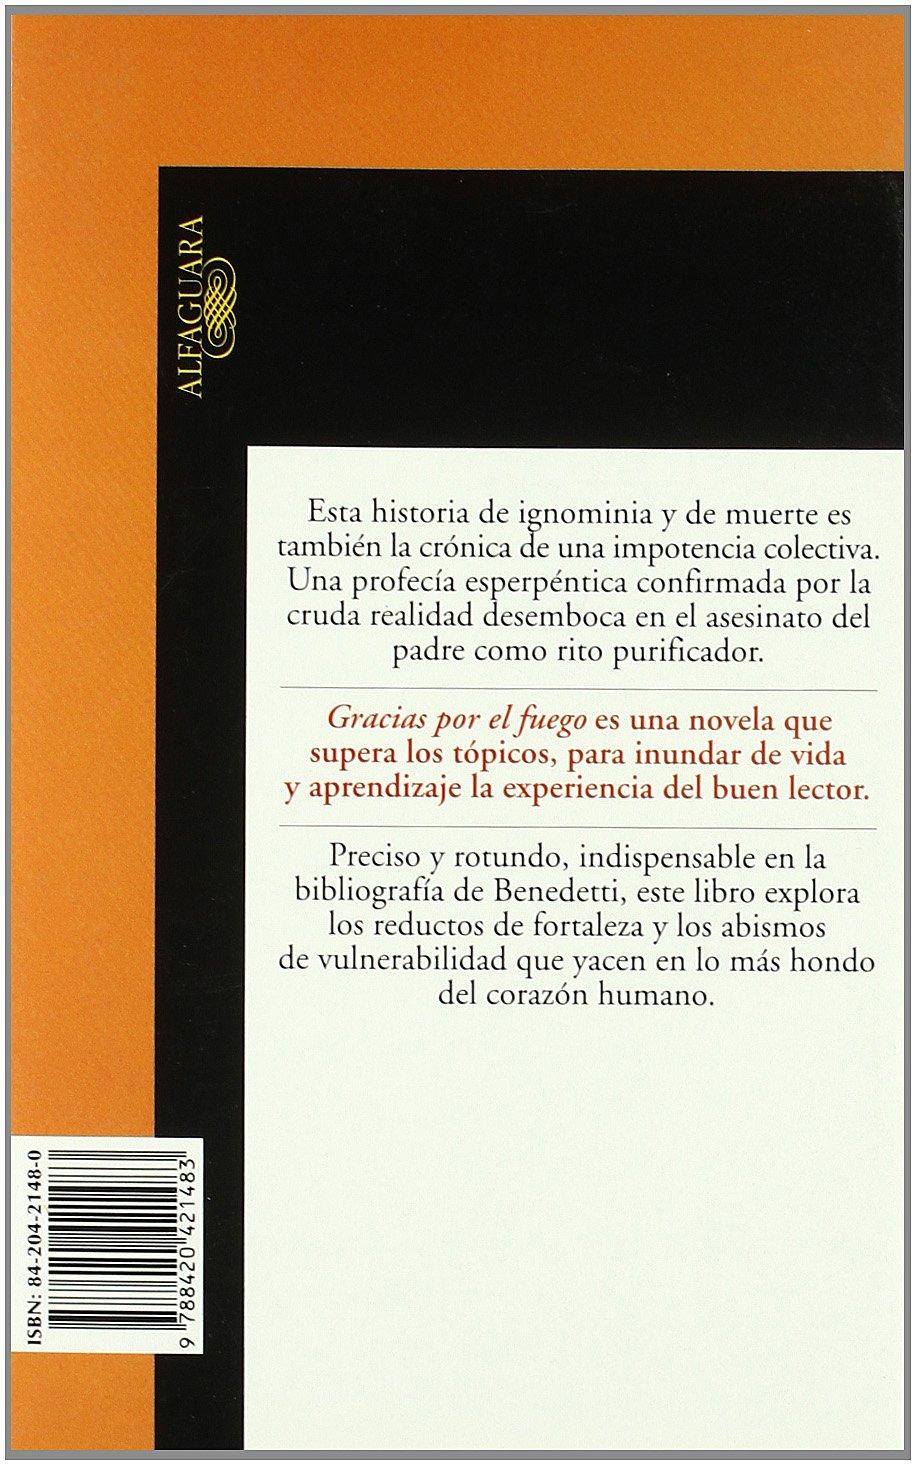 Gracias por el fuego (Hispánica): Amazon.es: Benedetti, Mario: Libros